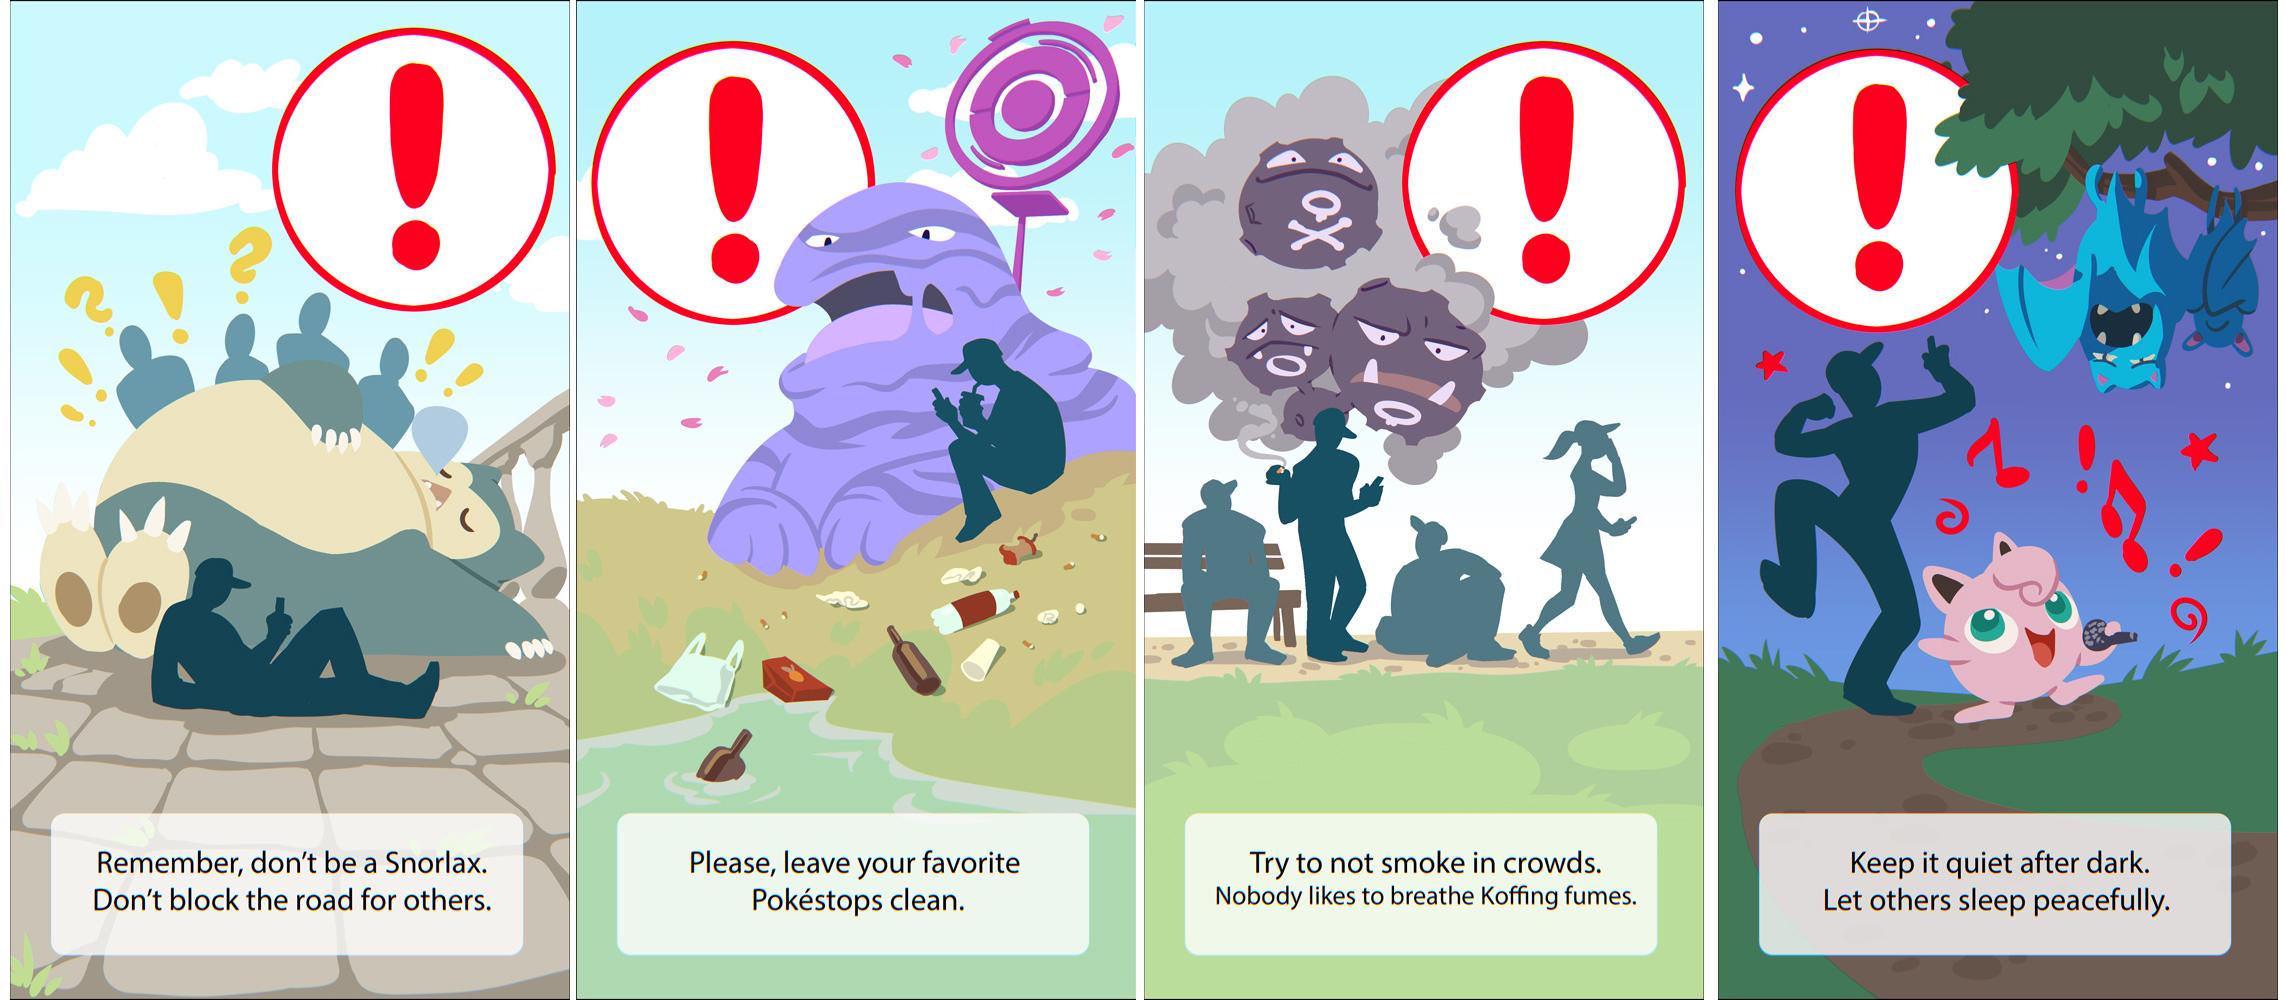 Pokemon Go warnings by MagdaPROski on DeviantArt